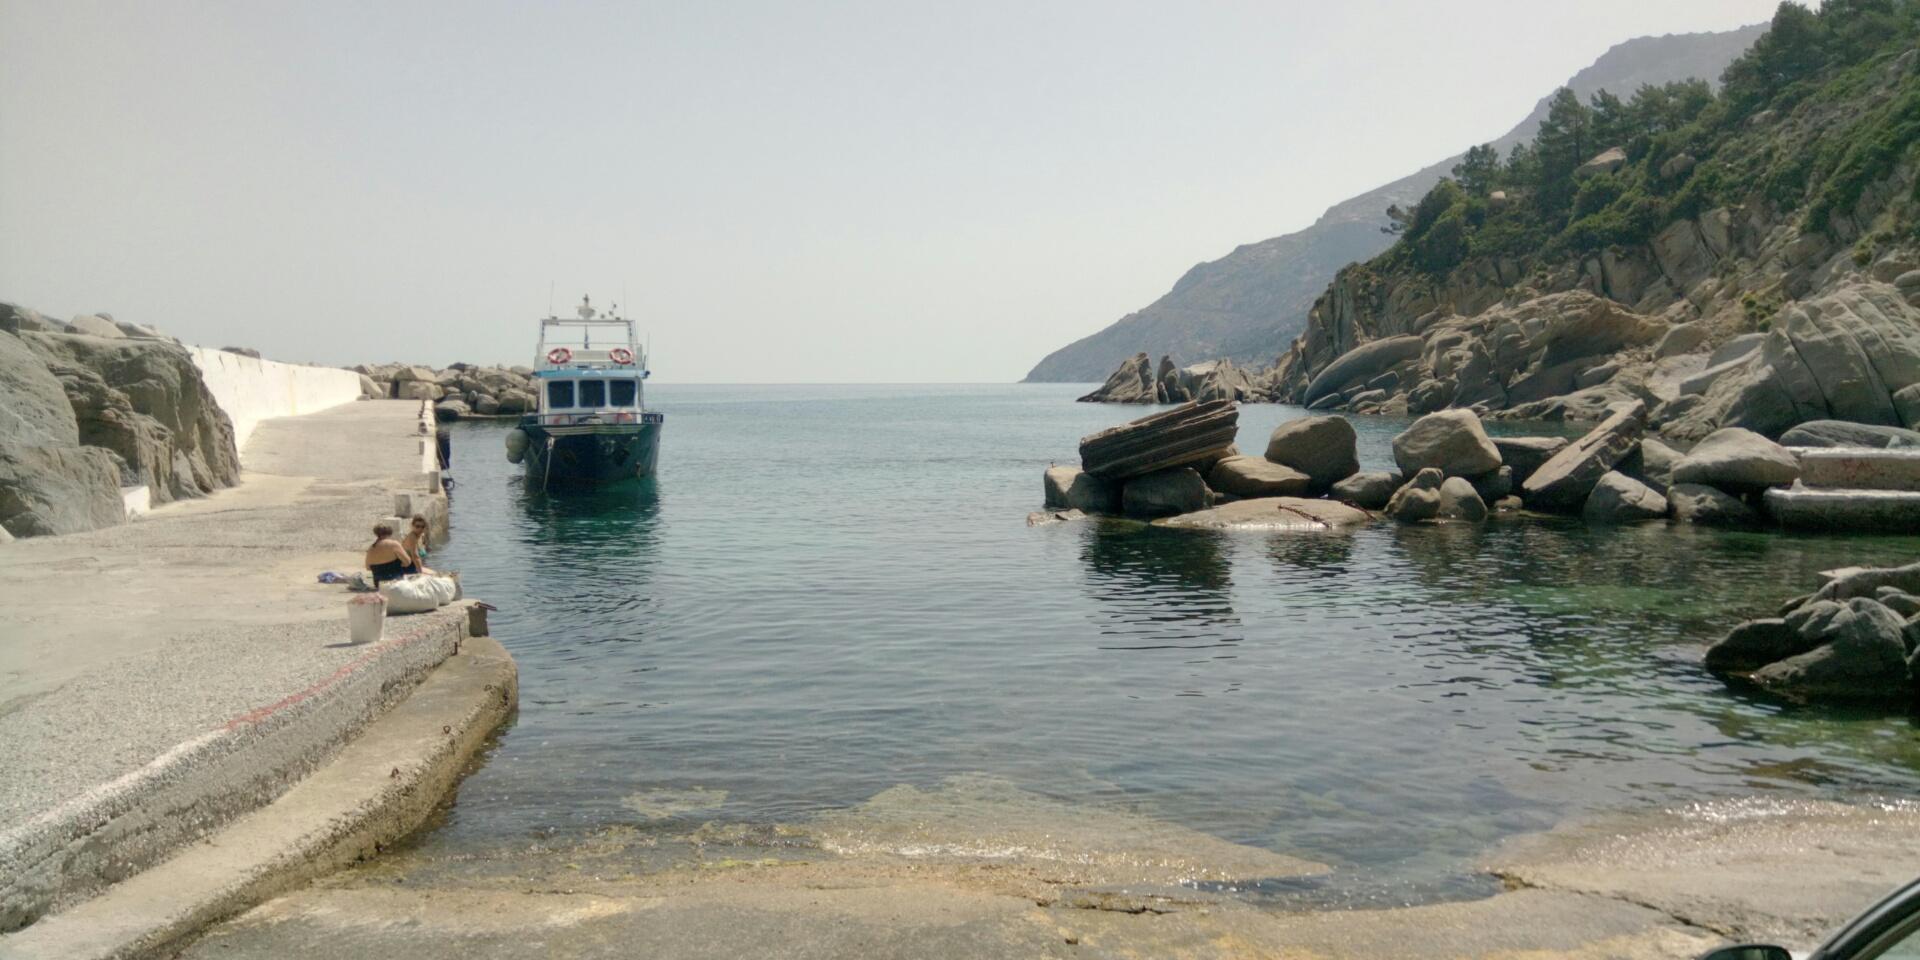 Magganiti-Ikaria